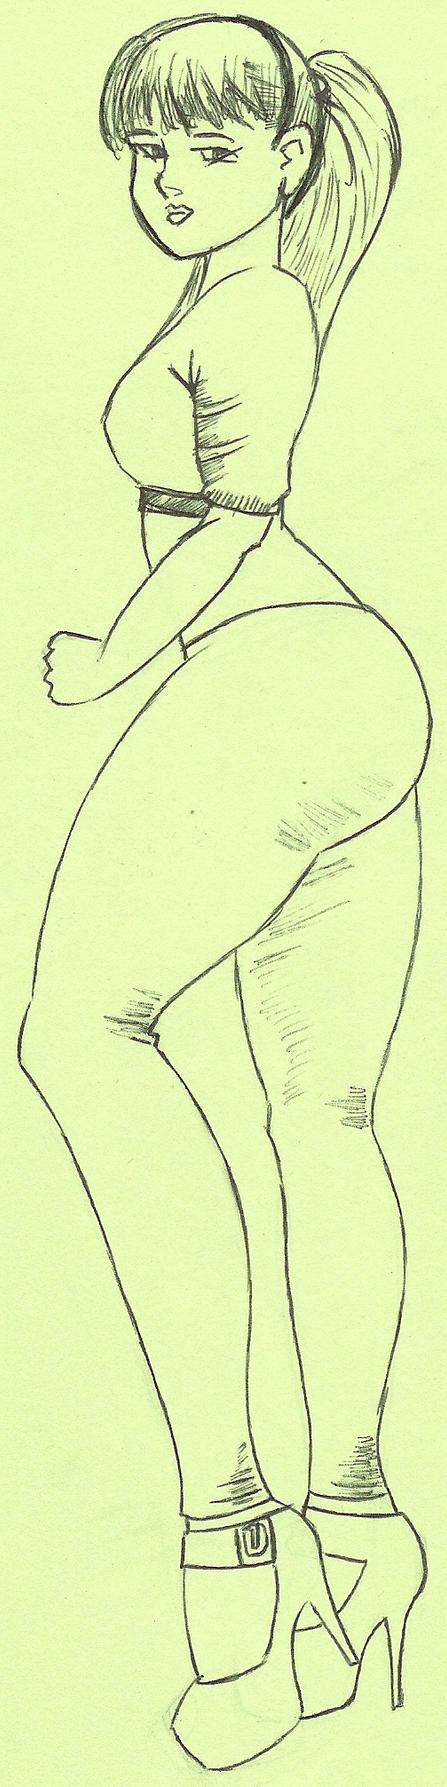 Art By Alvaro (34) by alvarotronic72